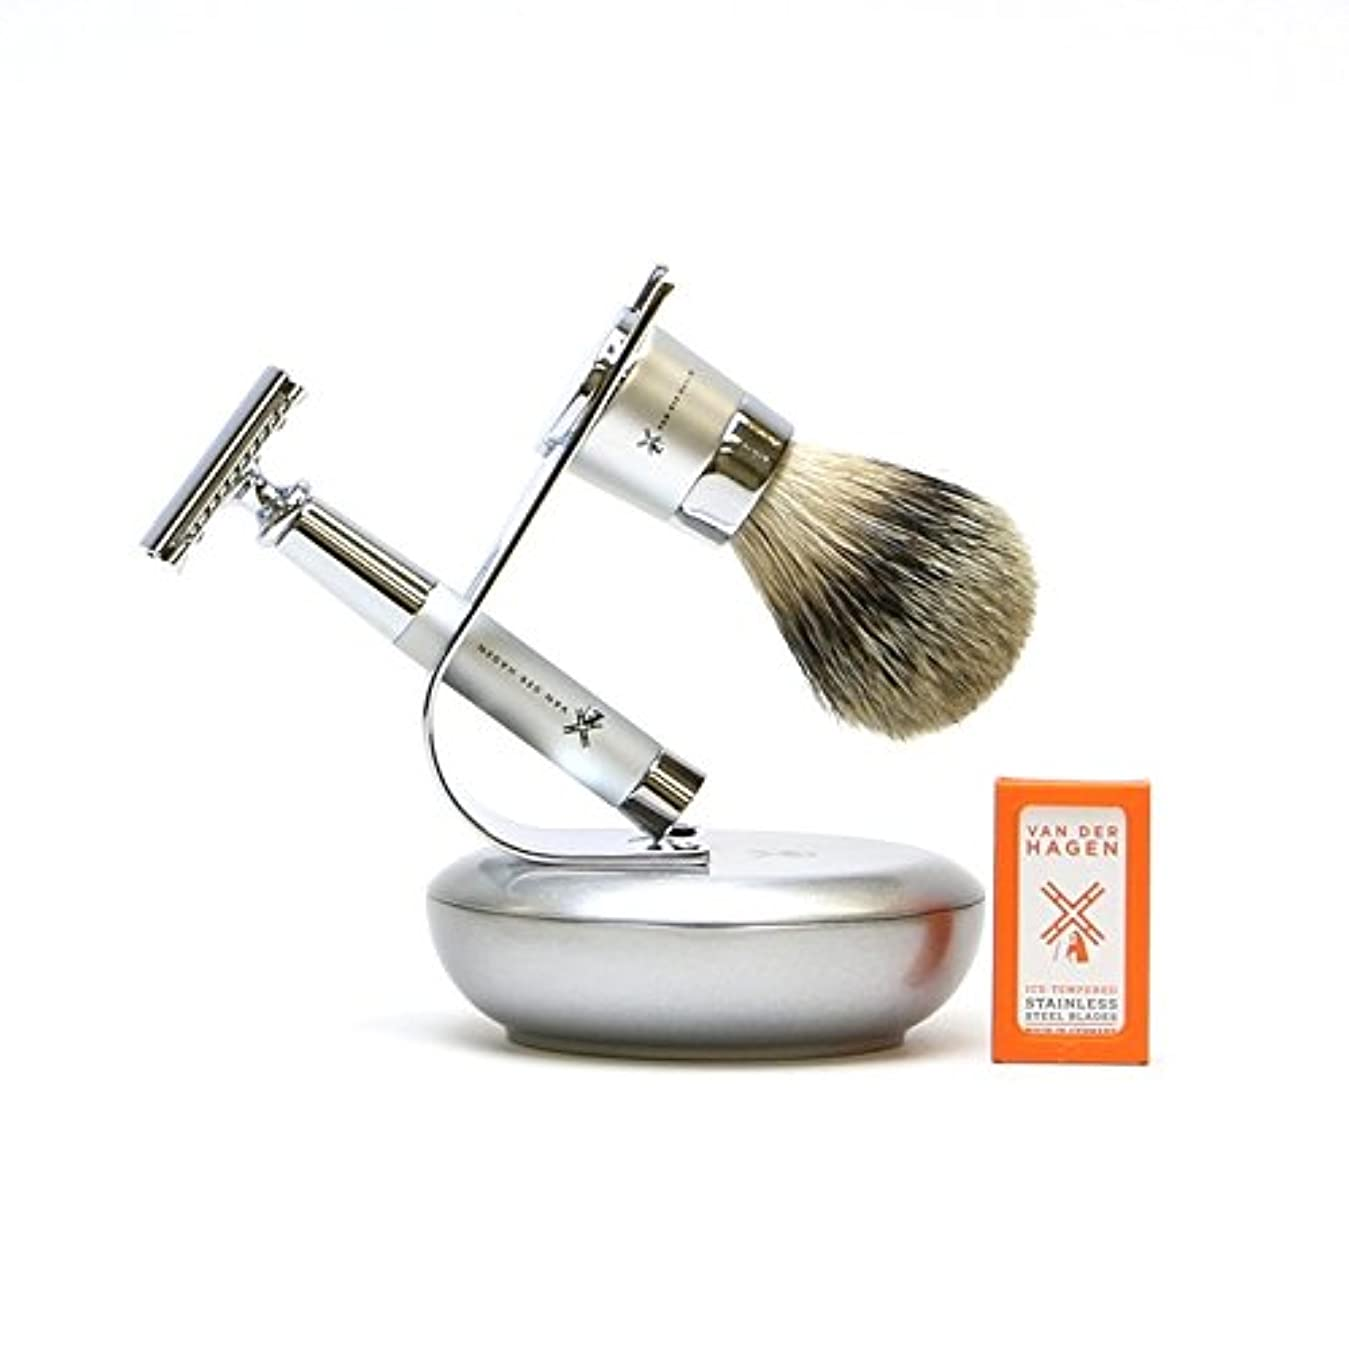 VANDERHAGEN(米) ウェットシェービングセット ジェットセット 両刃 髭剃り 替刃5枚付